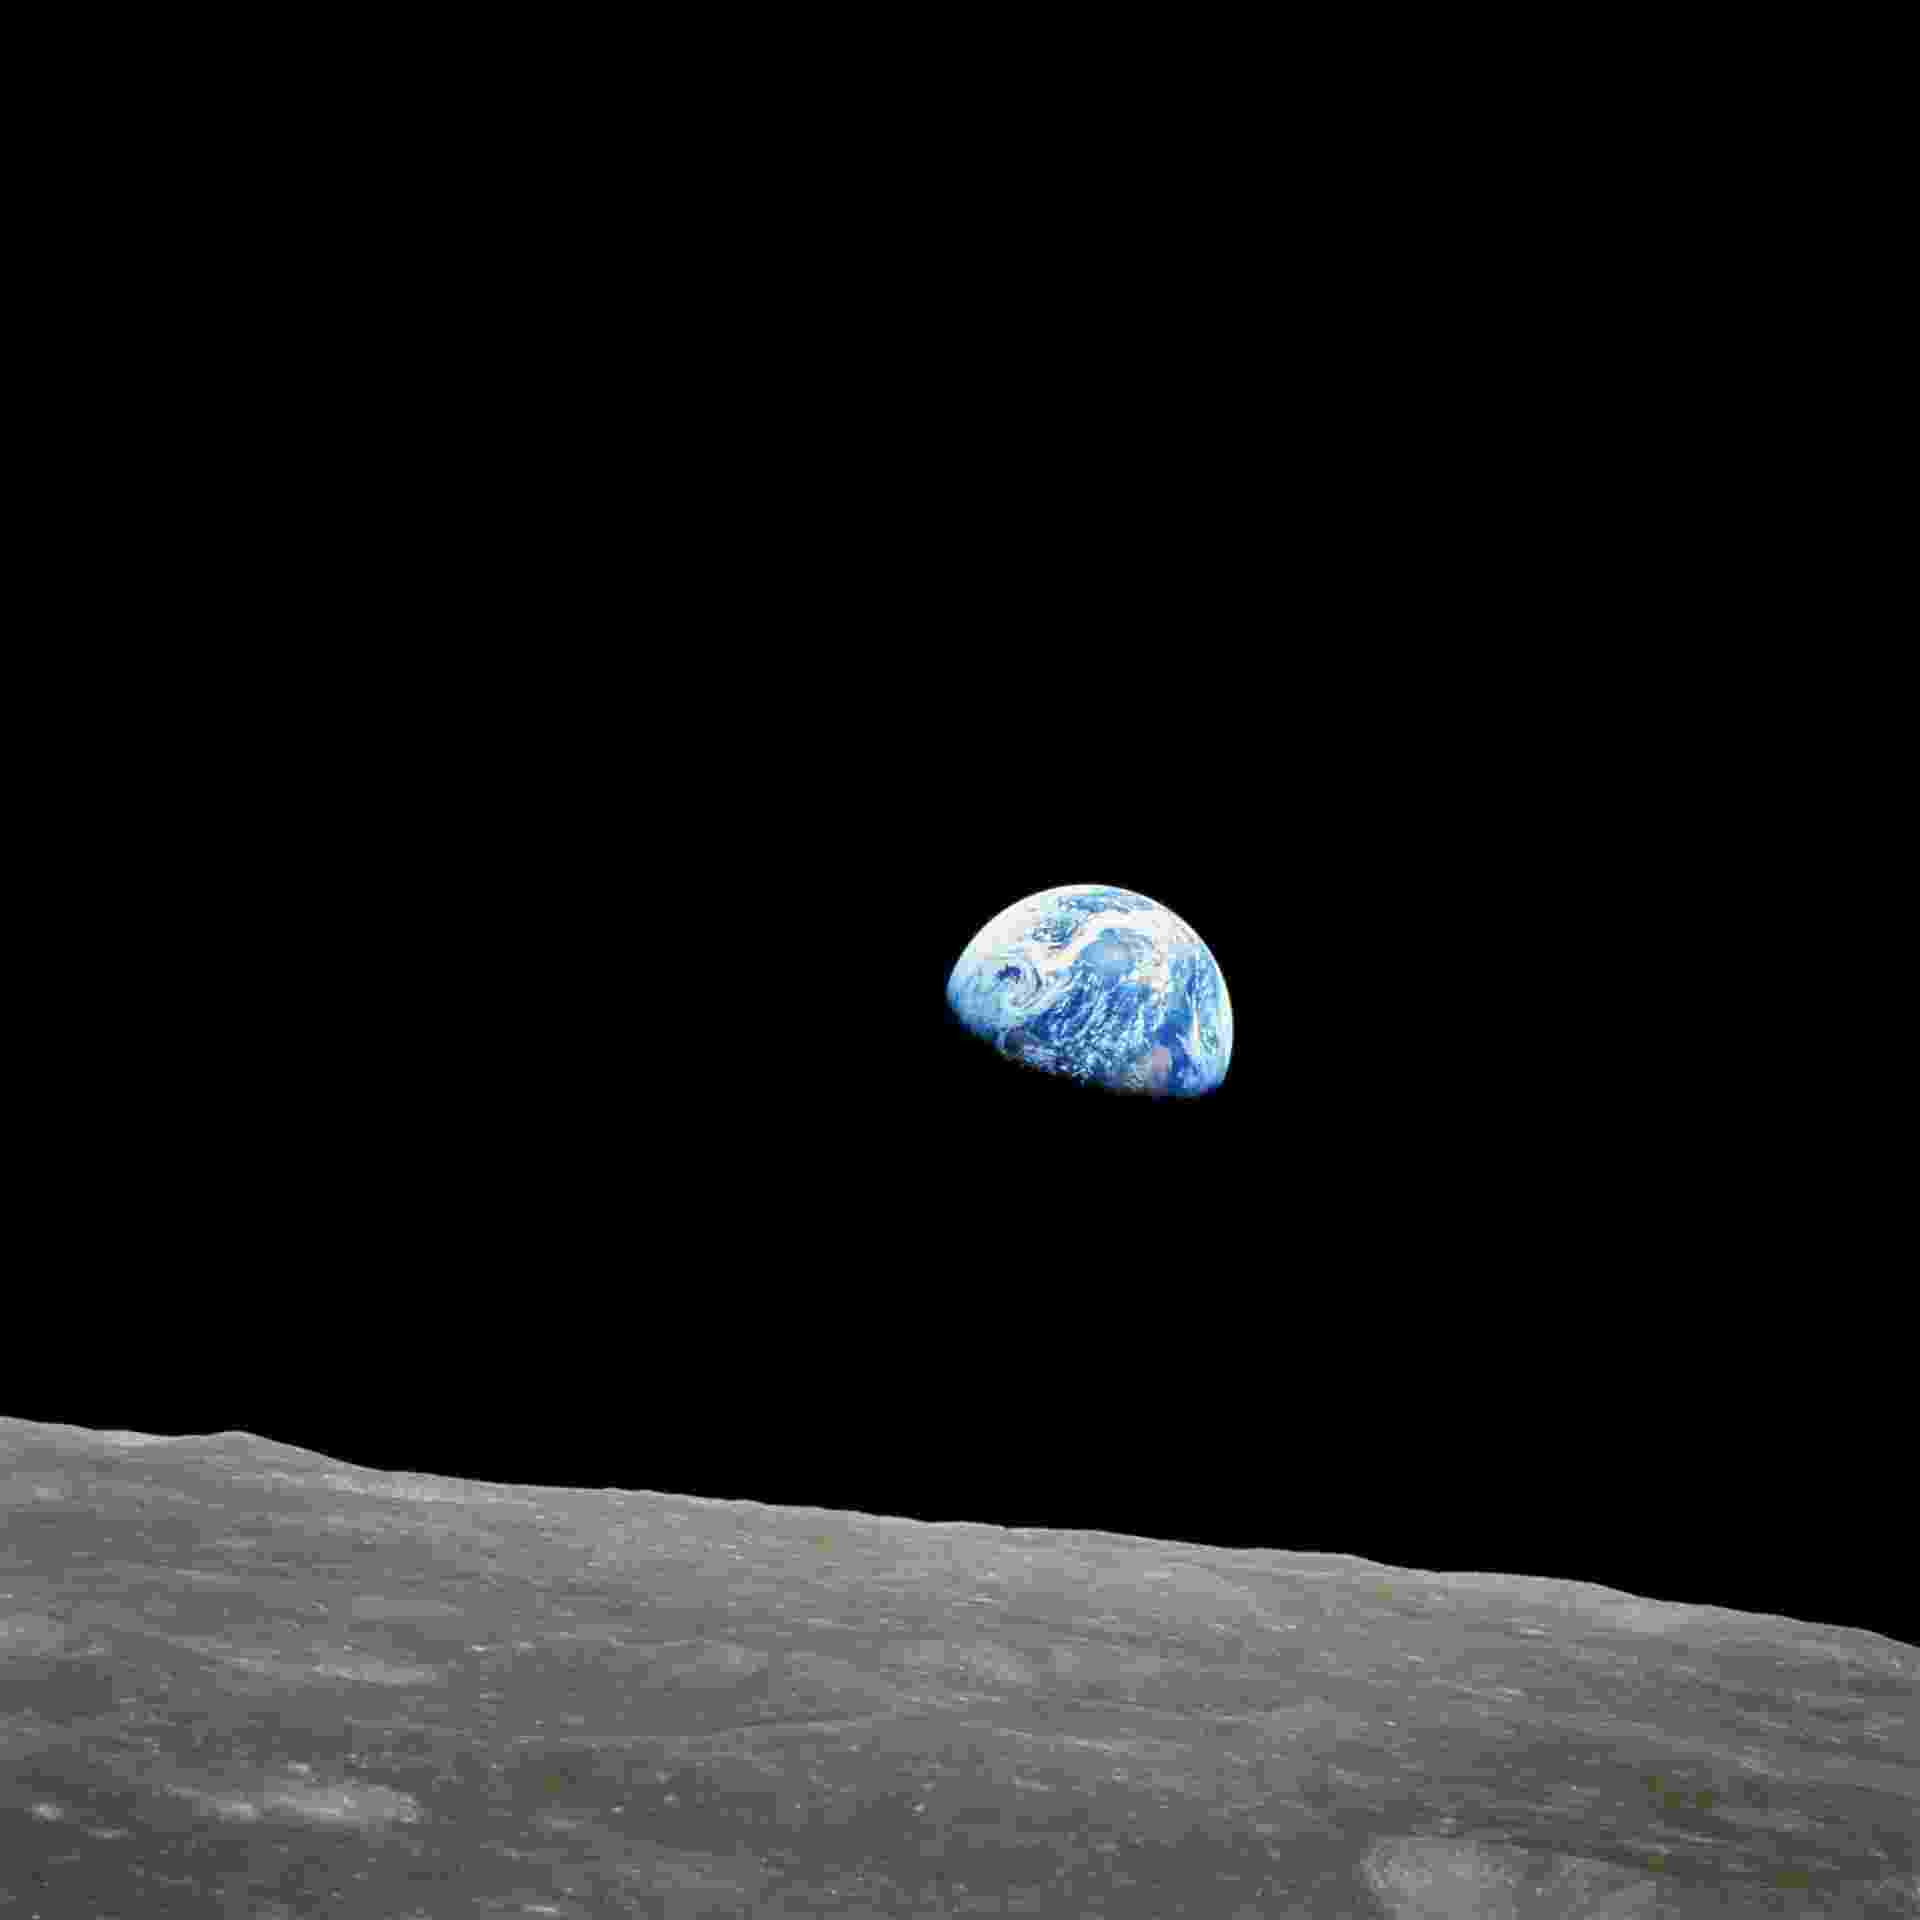 Fotografia da Terra tirada da Lua em 24 de dezembro de 1968. O apolo 8 foi a primeira missão a viajar para a Lua e voltar para a Terra. Os astronautas Frank Borman, James Lovell e William Anders estavam a bordo da nave que foi lançada em 21 de dezembro daquele ano e deu dez voltas ao redor da Lua e regressou à Terra em 27 de dezembro. Os astronautas da apolo 8 foram os primeiros homens a viajar à Lua,e os primeiros a fotografar a Terra do espaço - EFE/Nasa